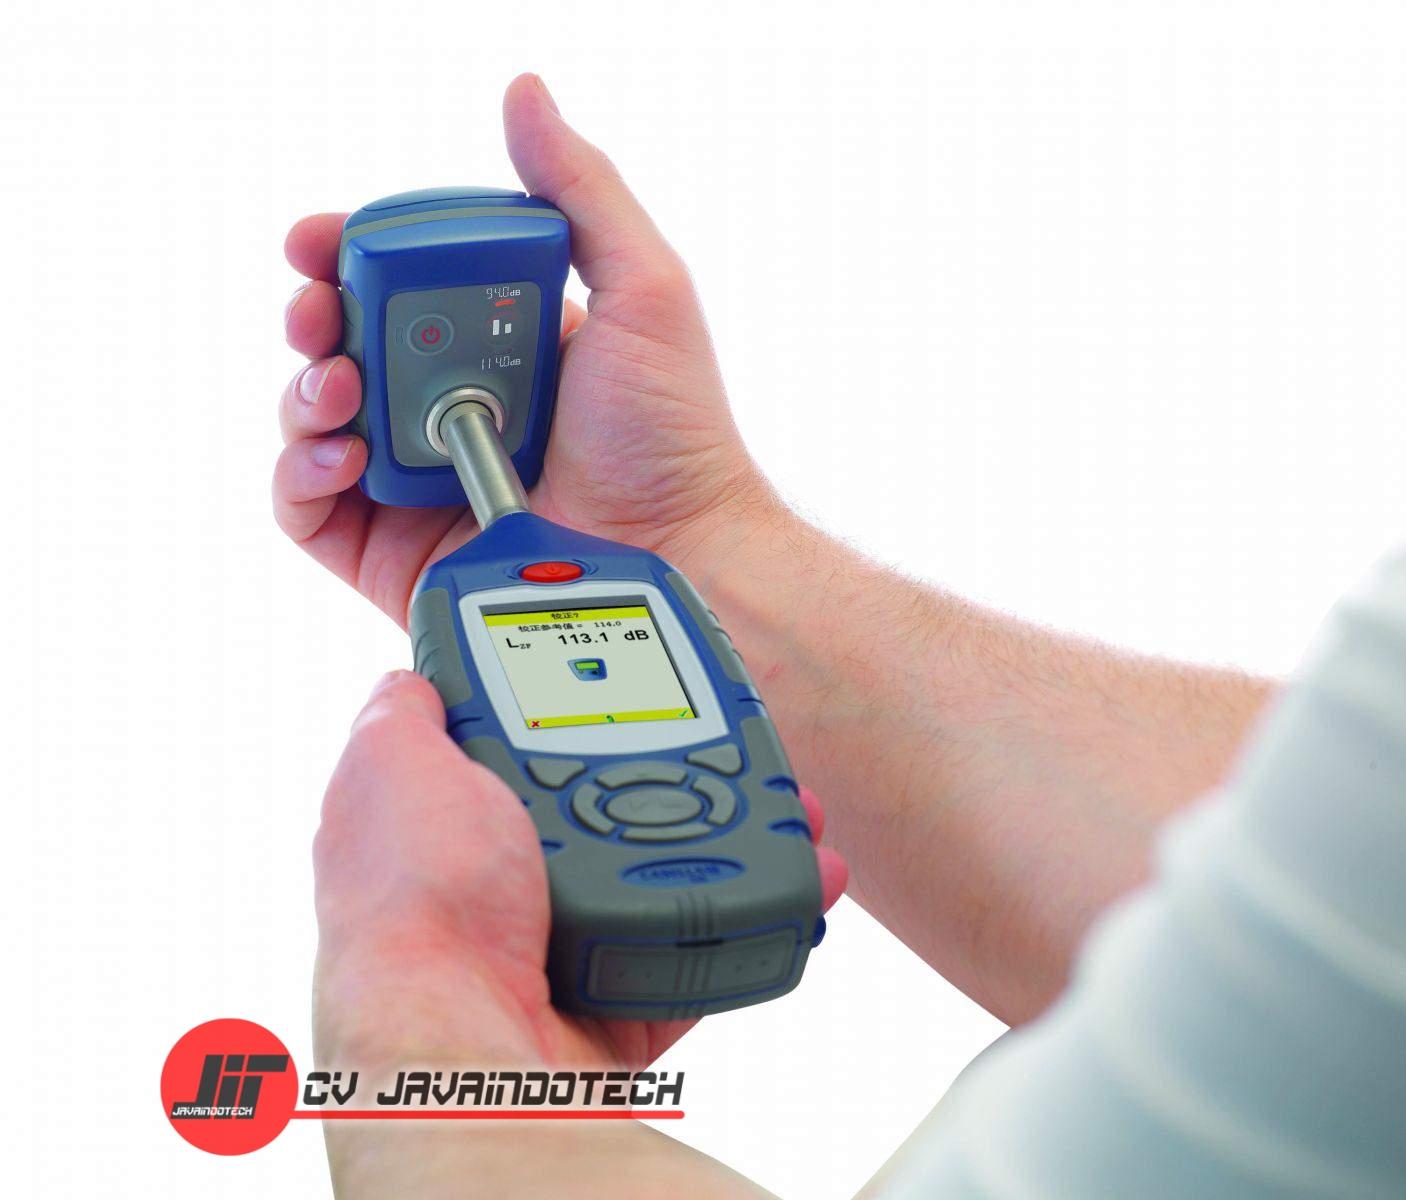 Review Spesifikasi dan Harga Jual Casella Measurement CEL-120 Acoustic Calibrator original termurah dan bergaransi resmi